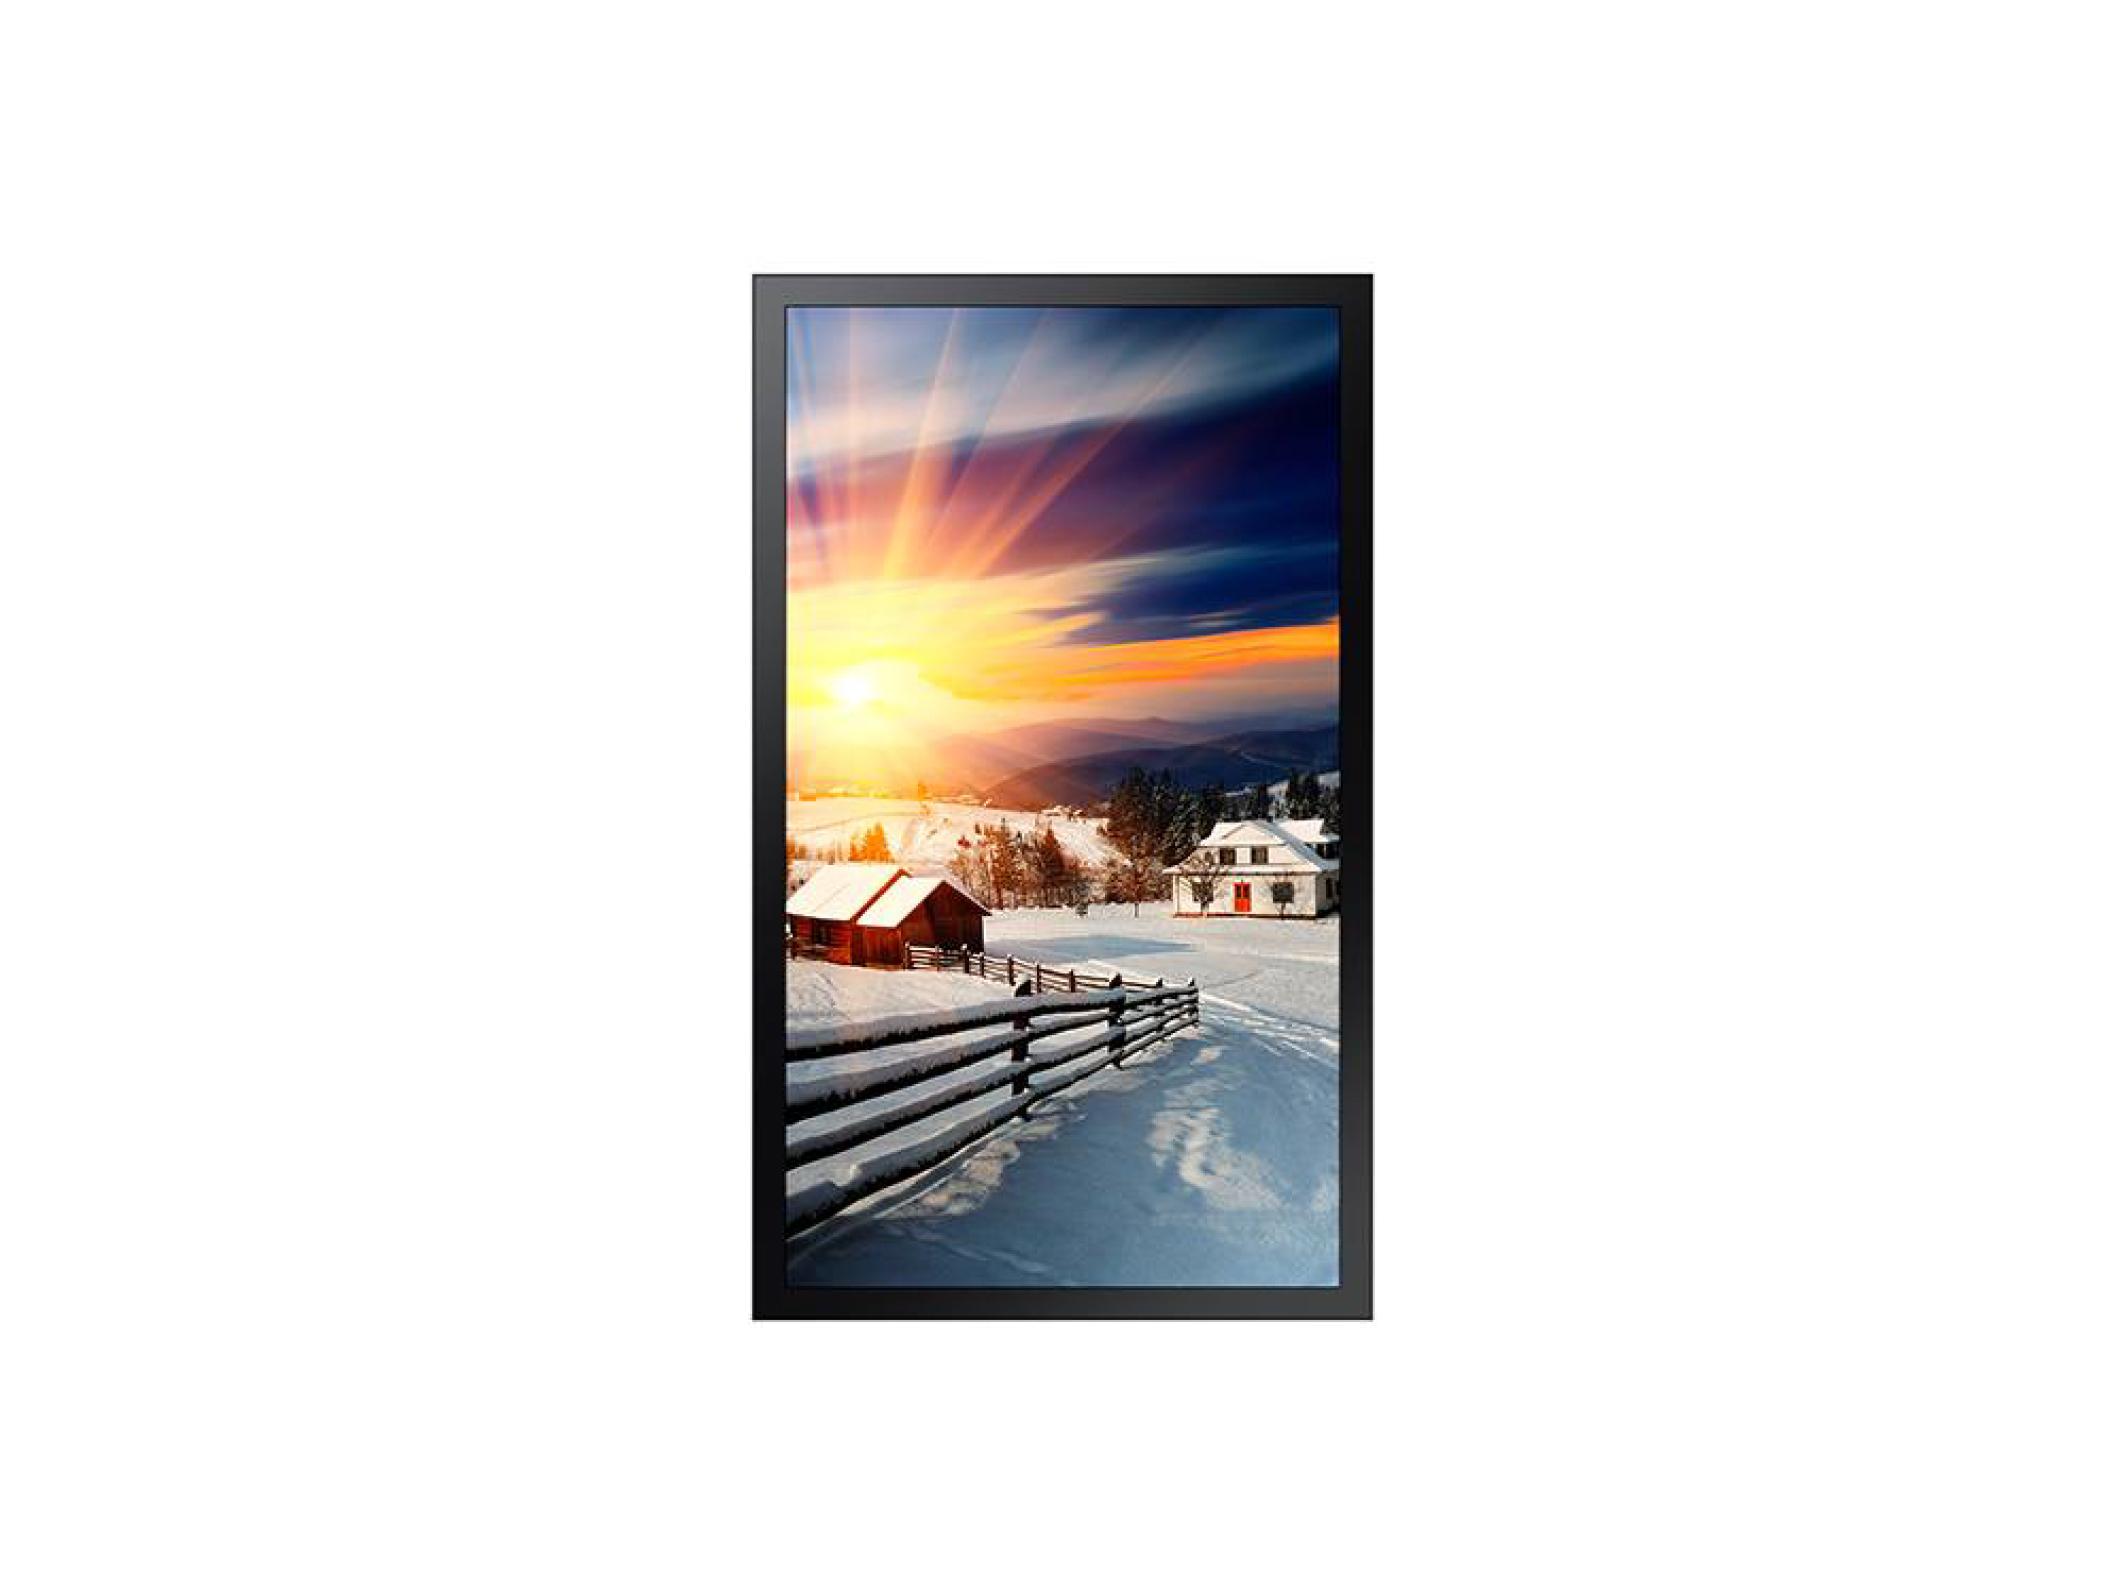 Écran d´affichage extérieur 85`` - 3840 * 2160 (4K UHD) - 3300 cd / m2 (sans verre) nit